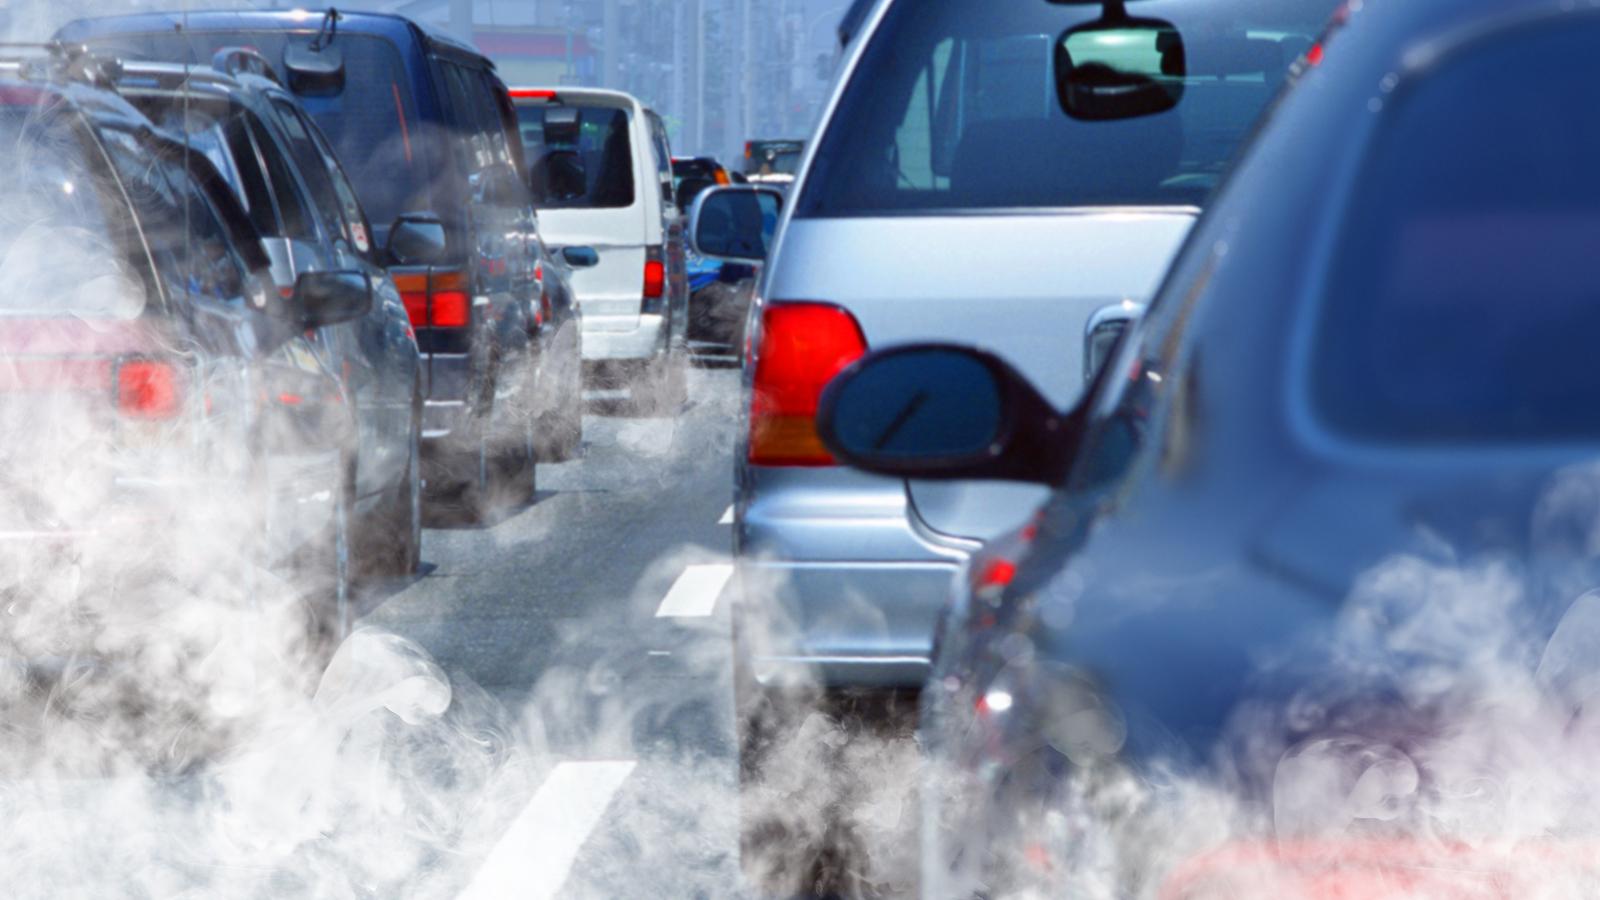 забружнення повітря вихлопні гази автомобілів